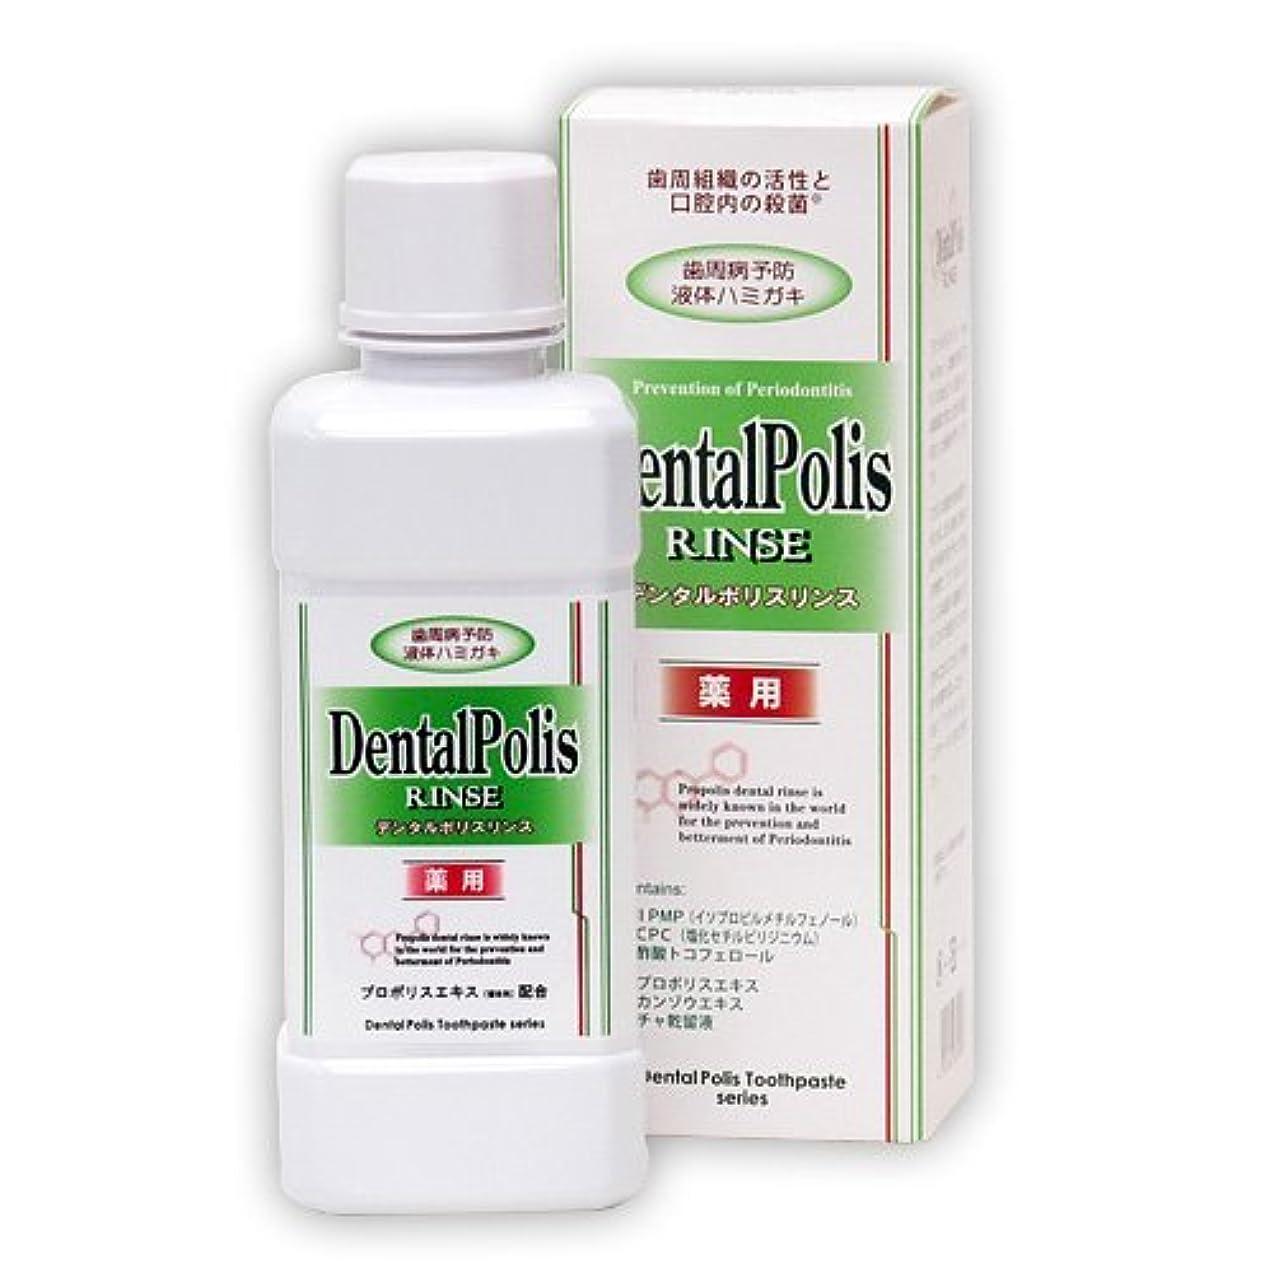 胸再び用心するデンタルポリスリンス(DentalPolis RINSE) 300ml